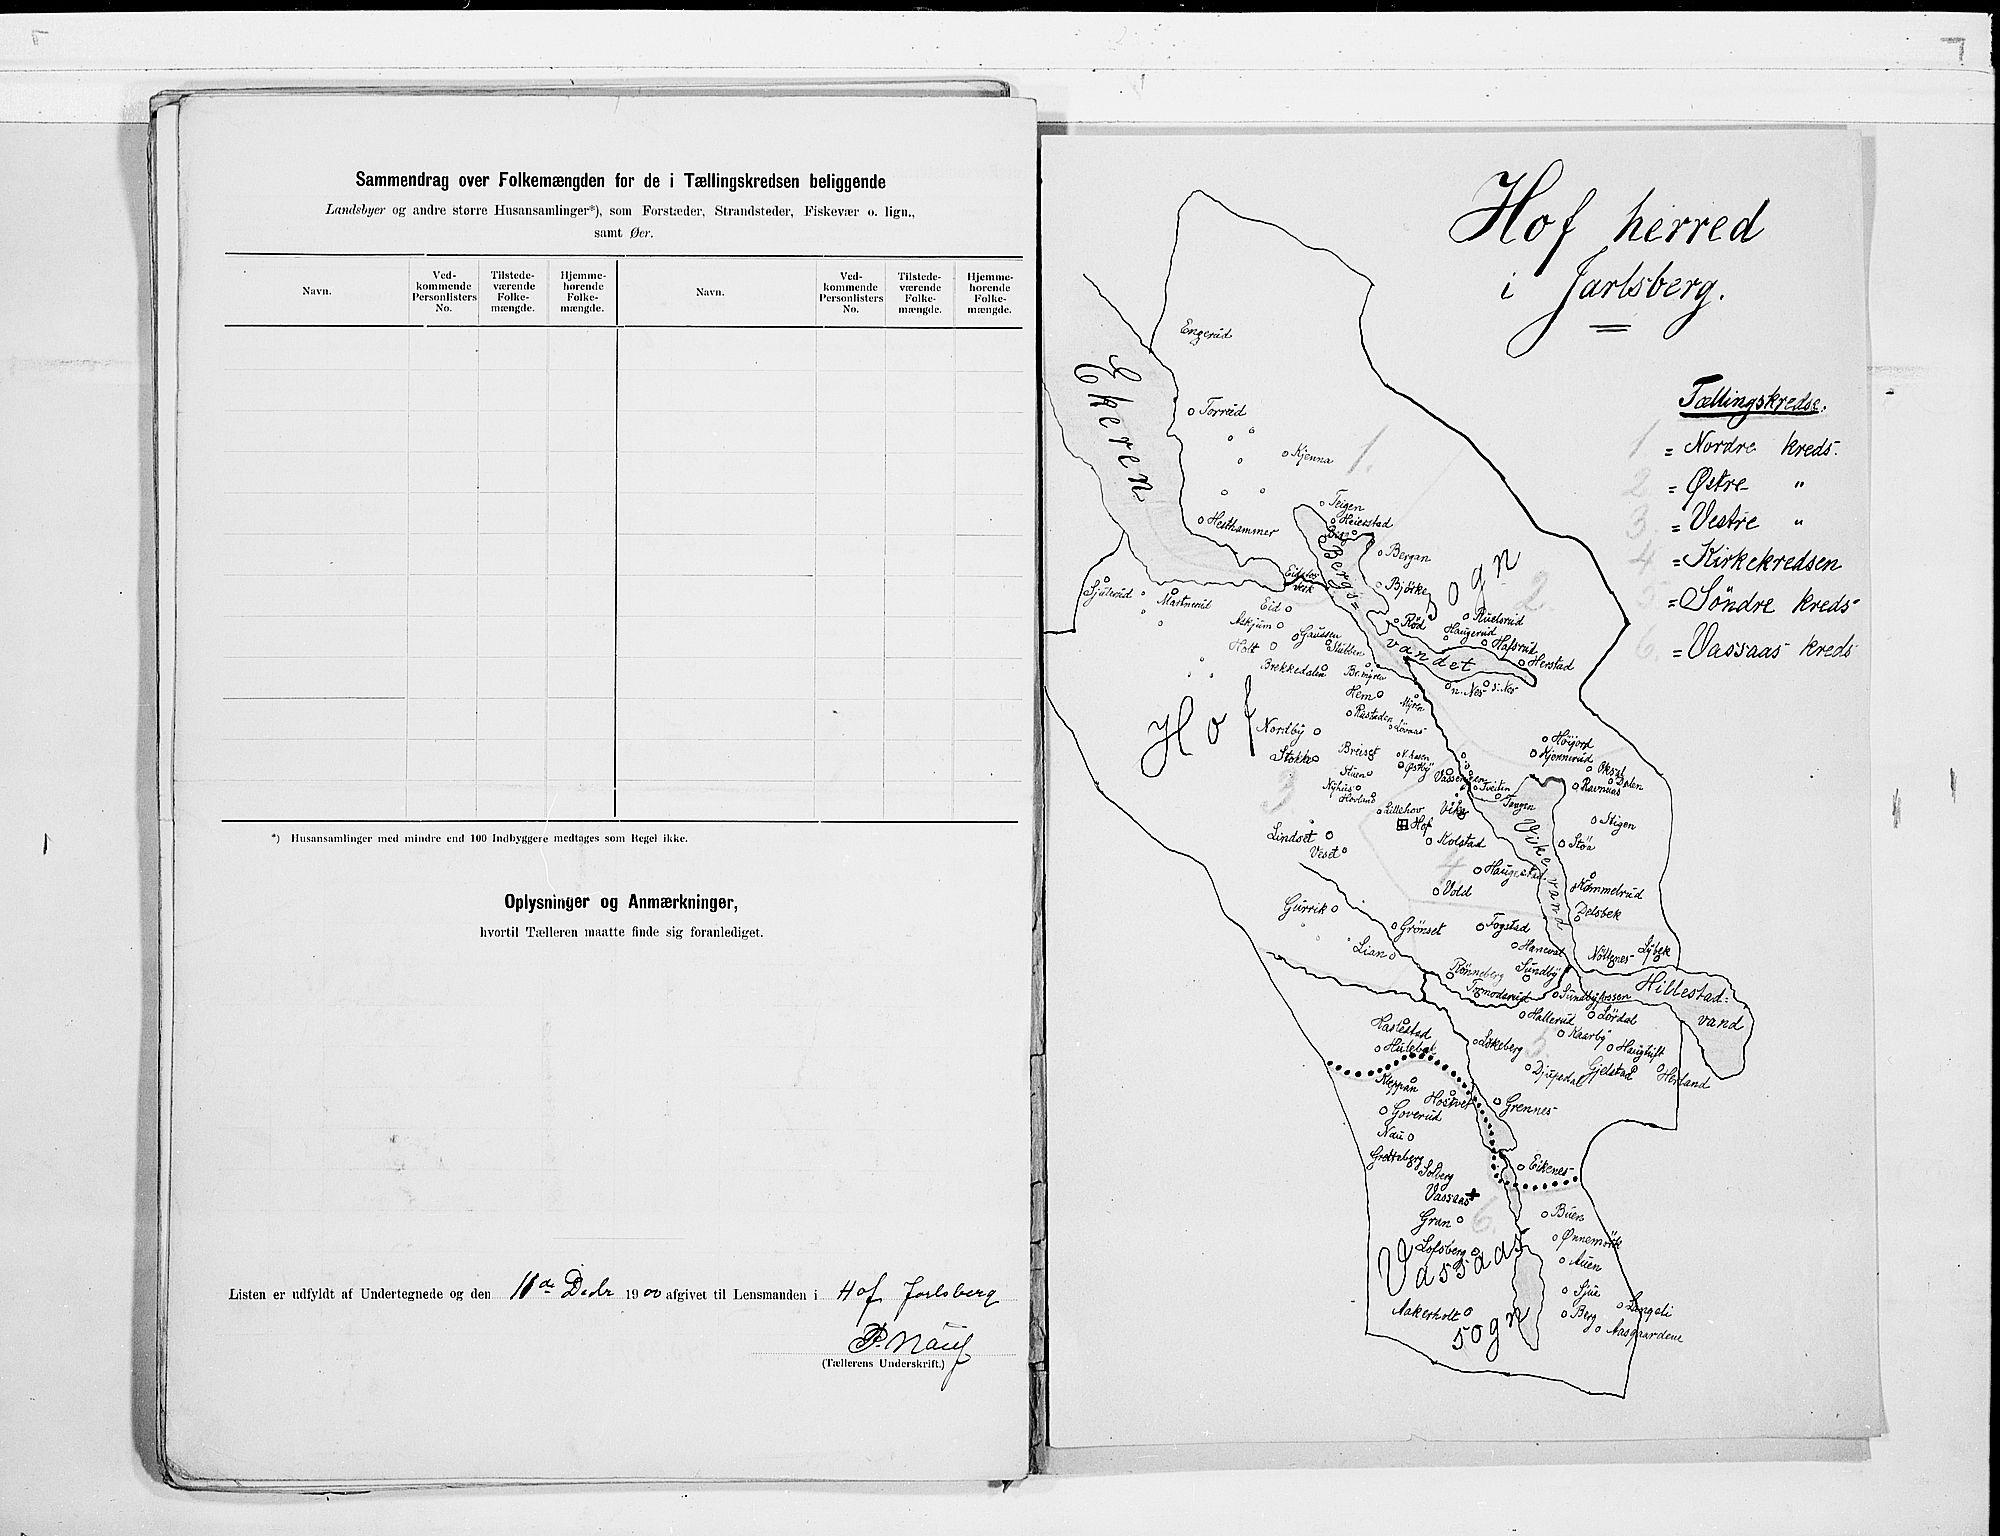 RA, Folketelling 1900 for 0714 Hof herred, 1900, s. 18